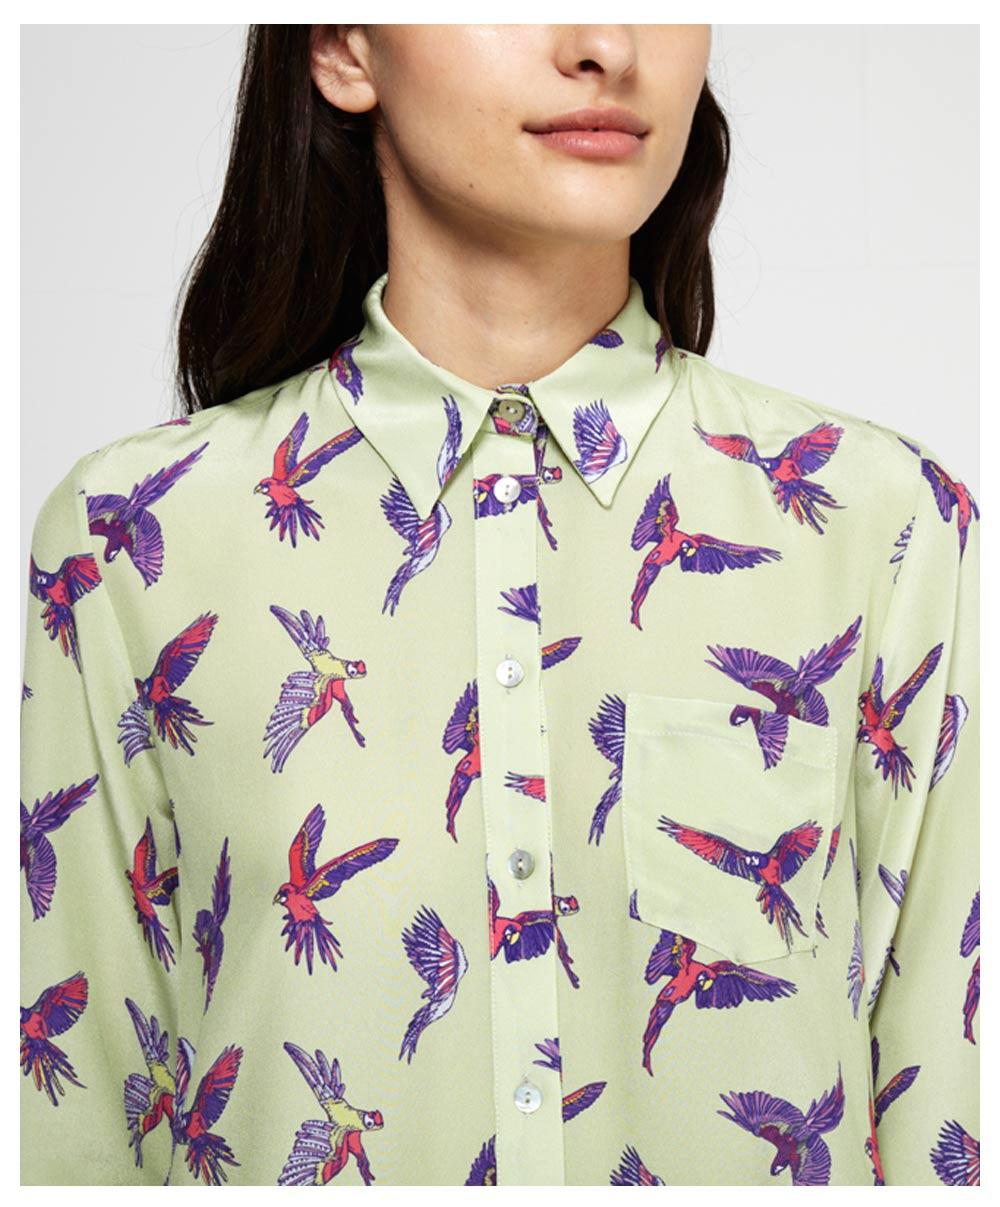 pastel_shirt4 -